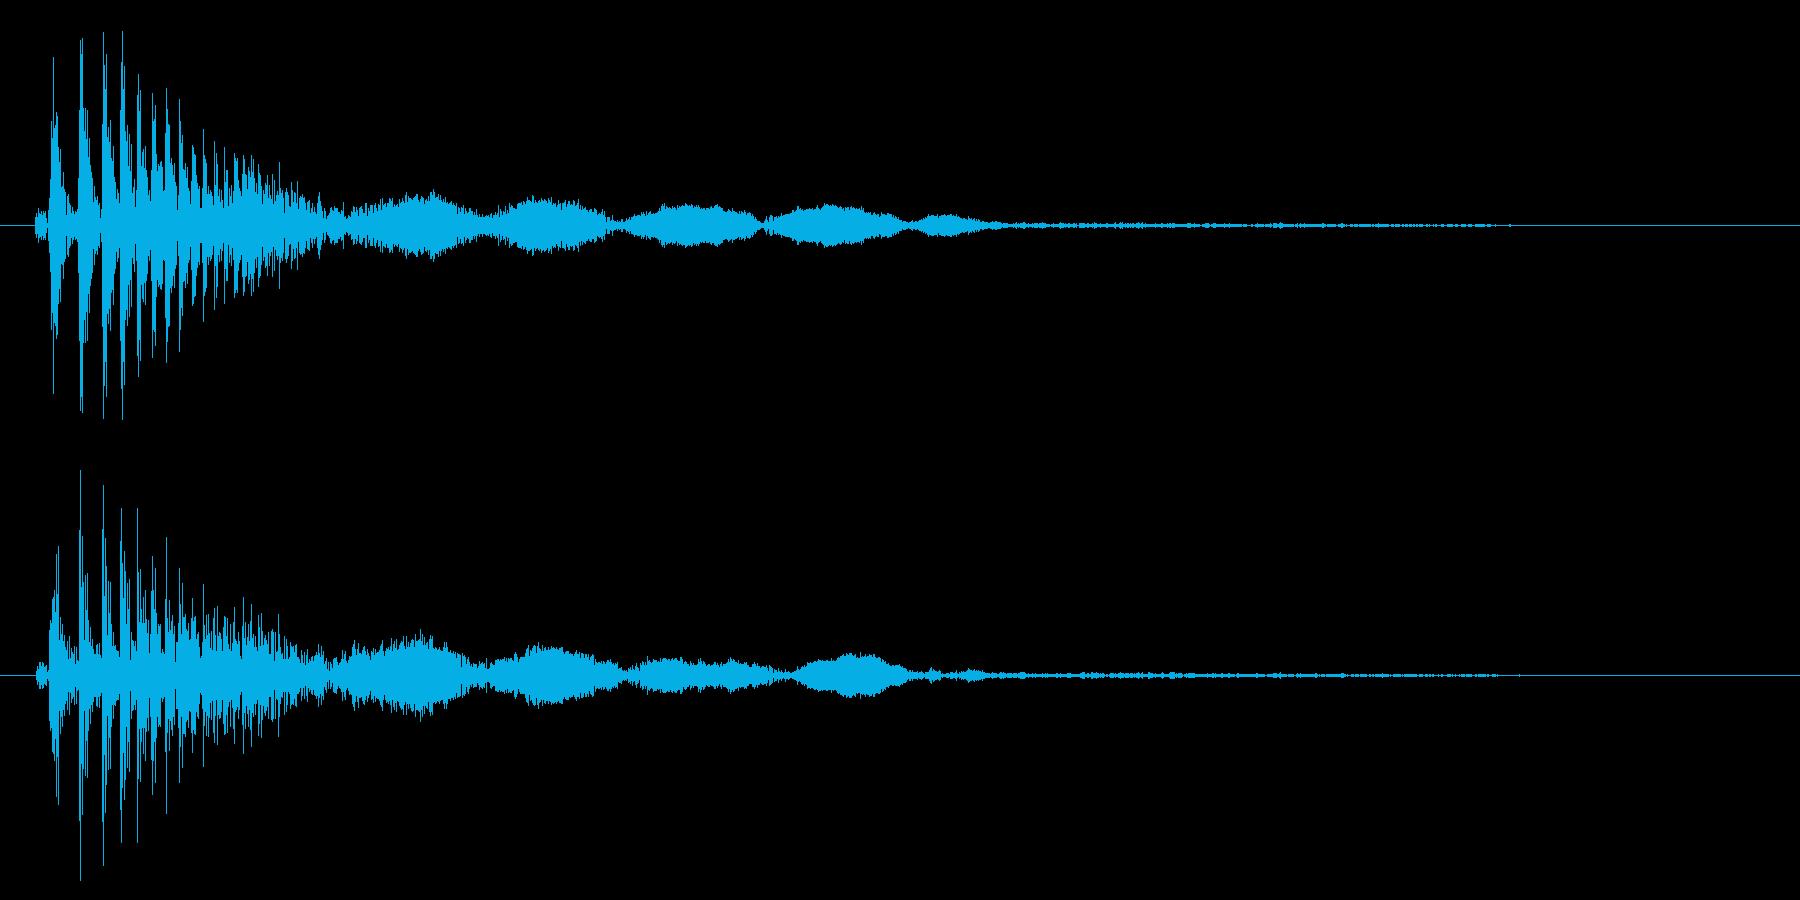 カンッ(タンバリンのような短い音)の再生済みの波形